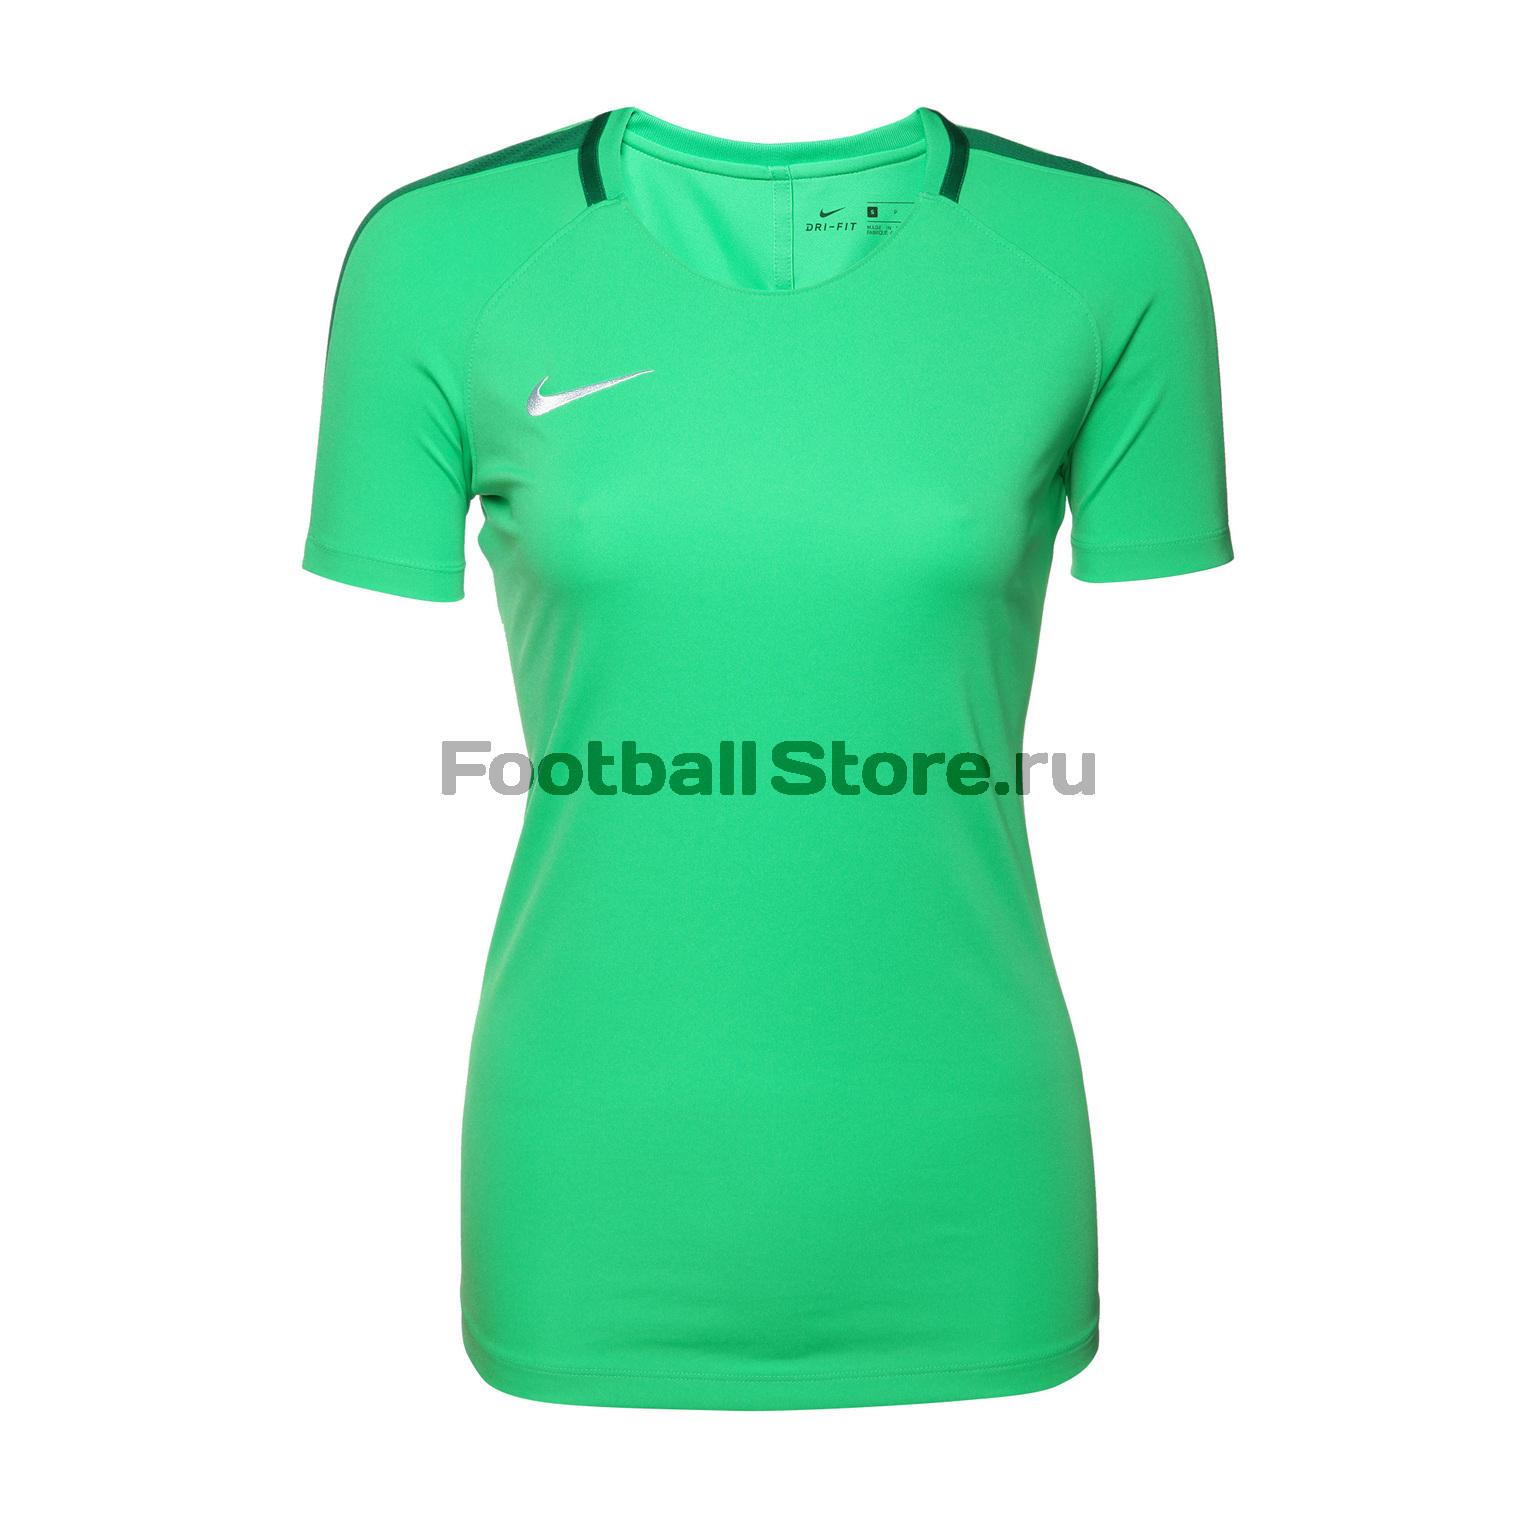 Футболка тренировочная женская Nike Academy 893741-361 футболка тренировочная женская nike academy 893741 361